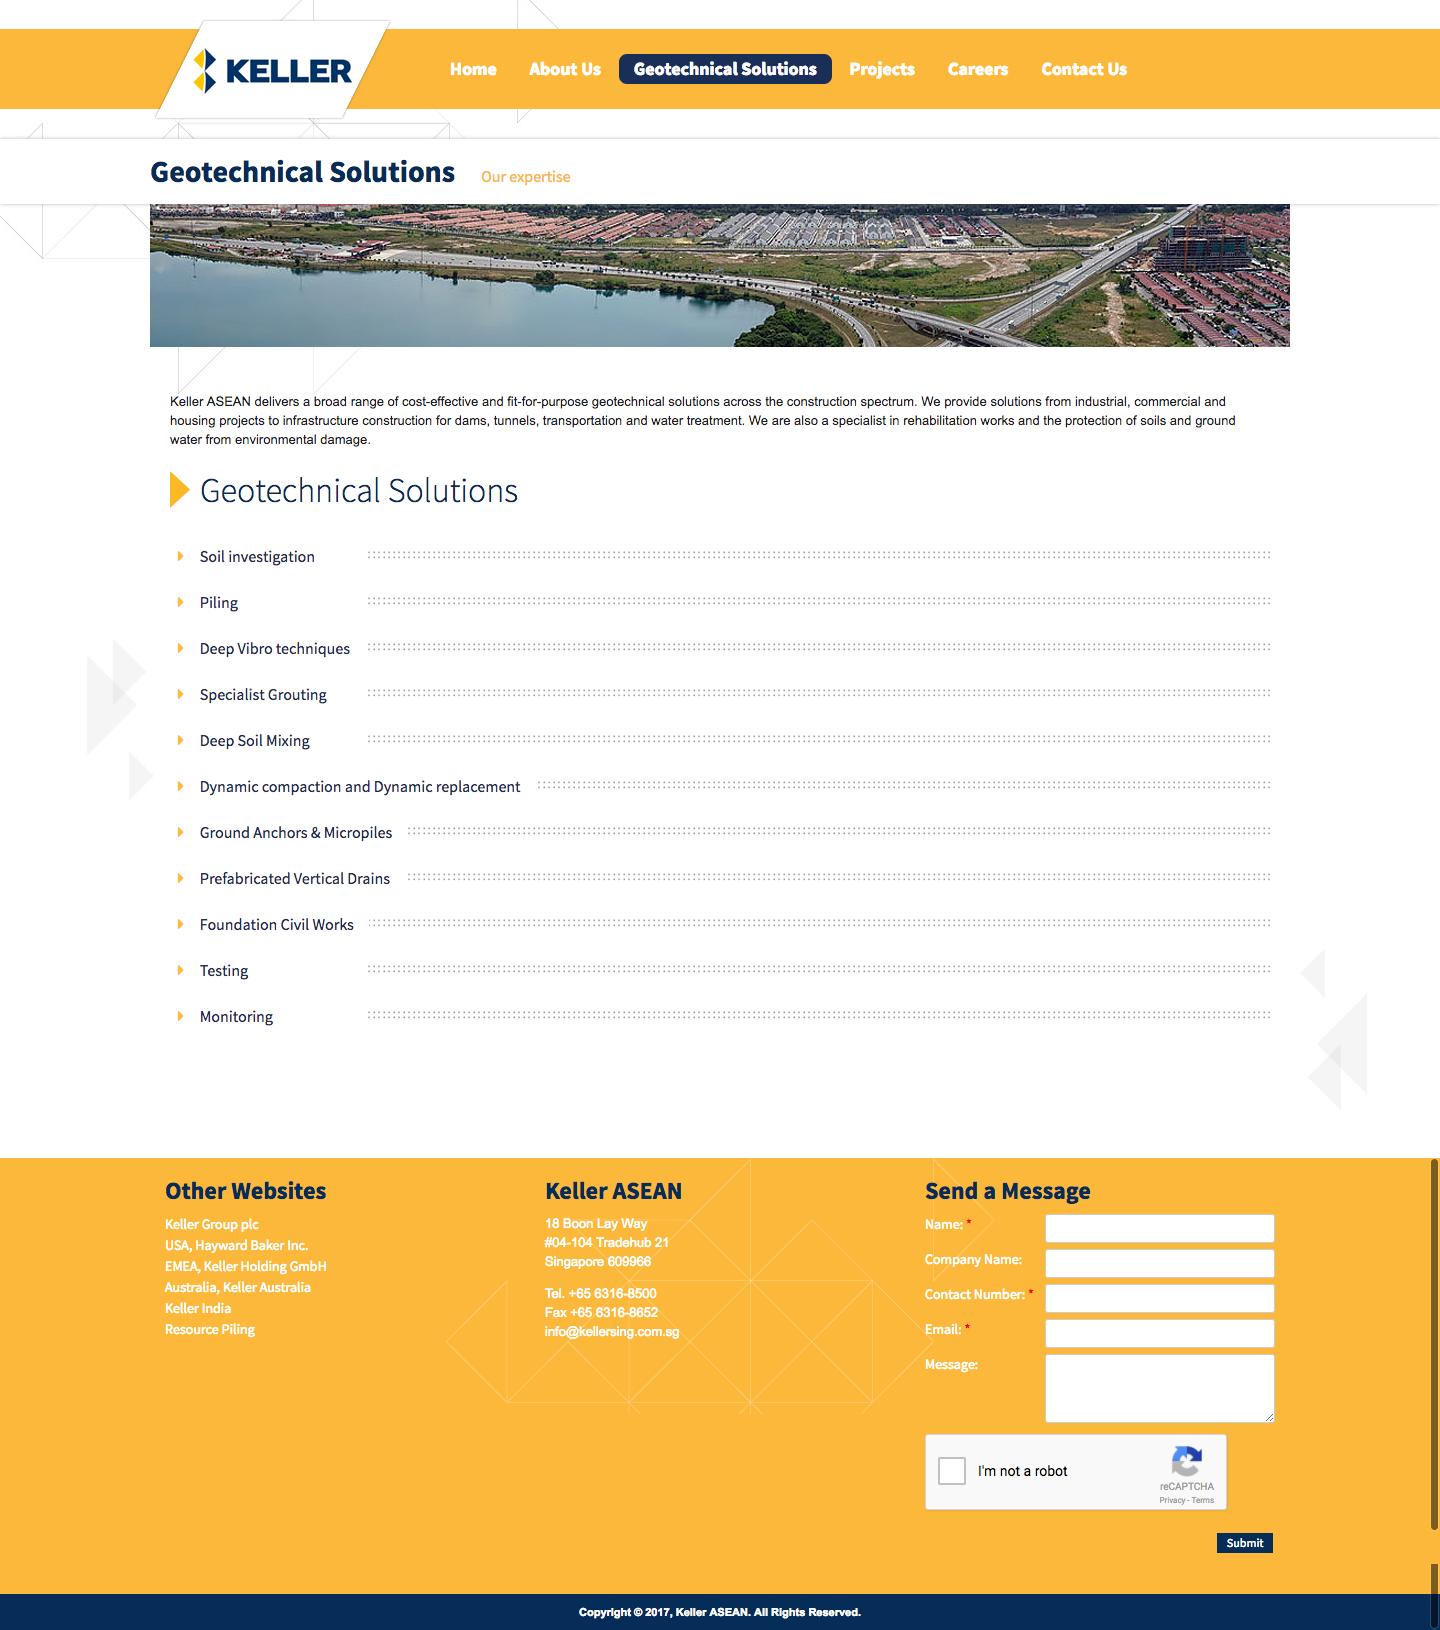 Geotechnical Solutions – Keller ASEAN